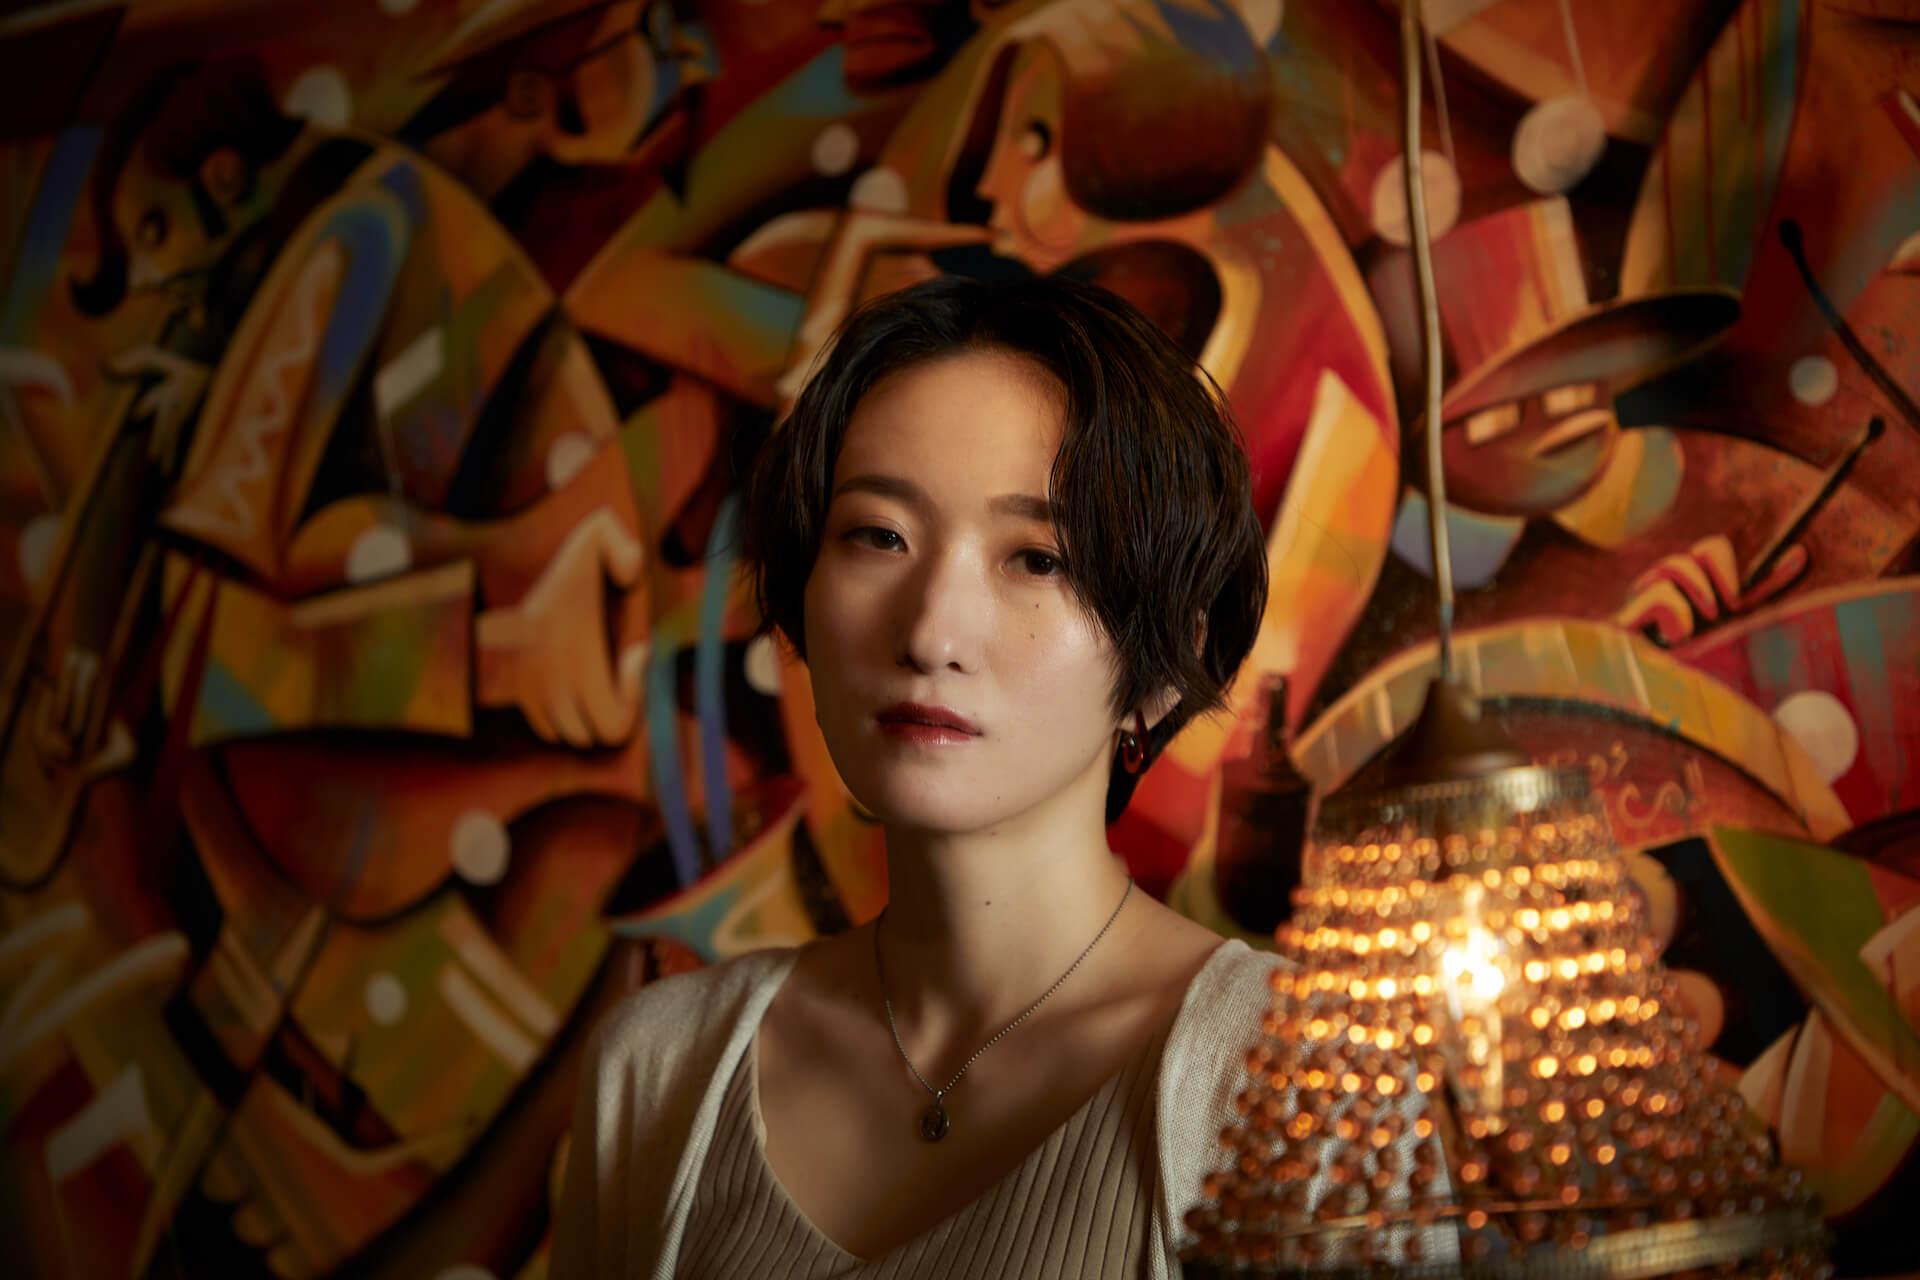 流れを止めない、日食なつこが思う「音楽の本質」━━日食なつこ3rdアルバム『アンチ・フリーズ』インタビュー interview210816_nisshoku-natsuko-05